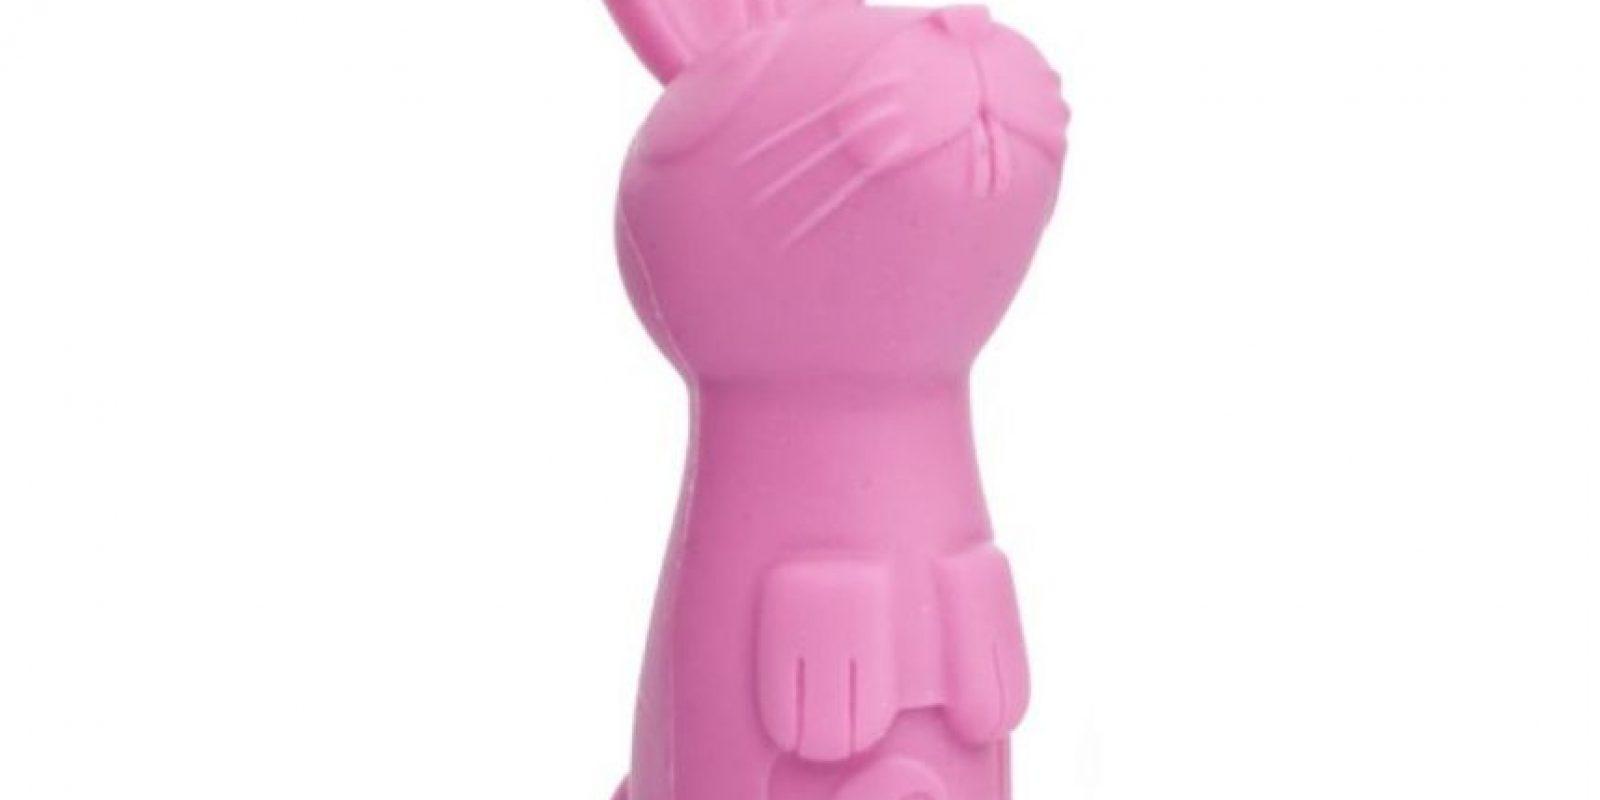 Ramsey Rabbit parece un inocente conejito. Pero es un vibrador que cuesta 15 euros y tiene 7 velocidades. Se le puede remover el diseño de plástico Foto:eBay